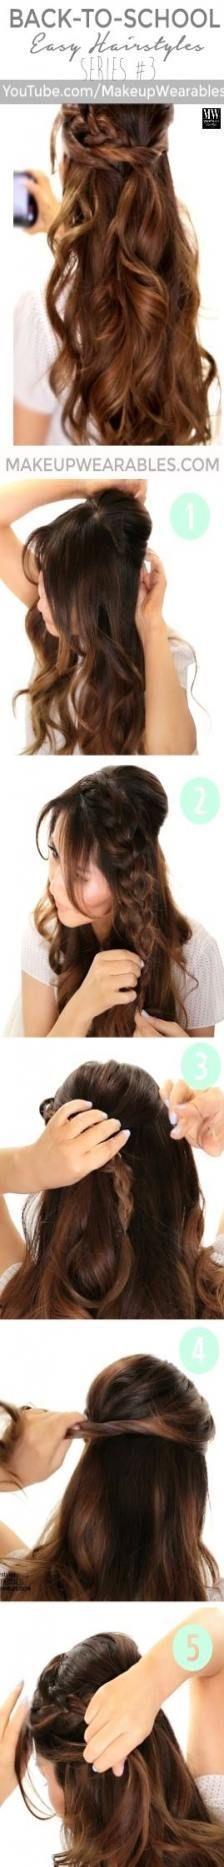 68 beste Ideen Frisuren halb hoch halb runter Tutorial DIY #diy #hairstyles #bestdiyhairstyle #diyhairstyleidea